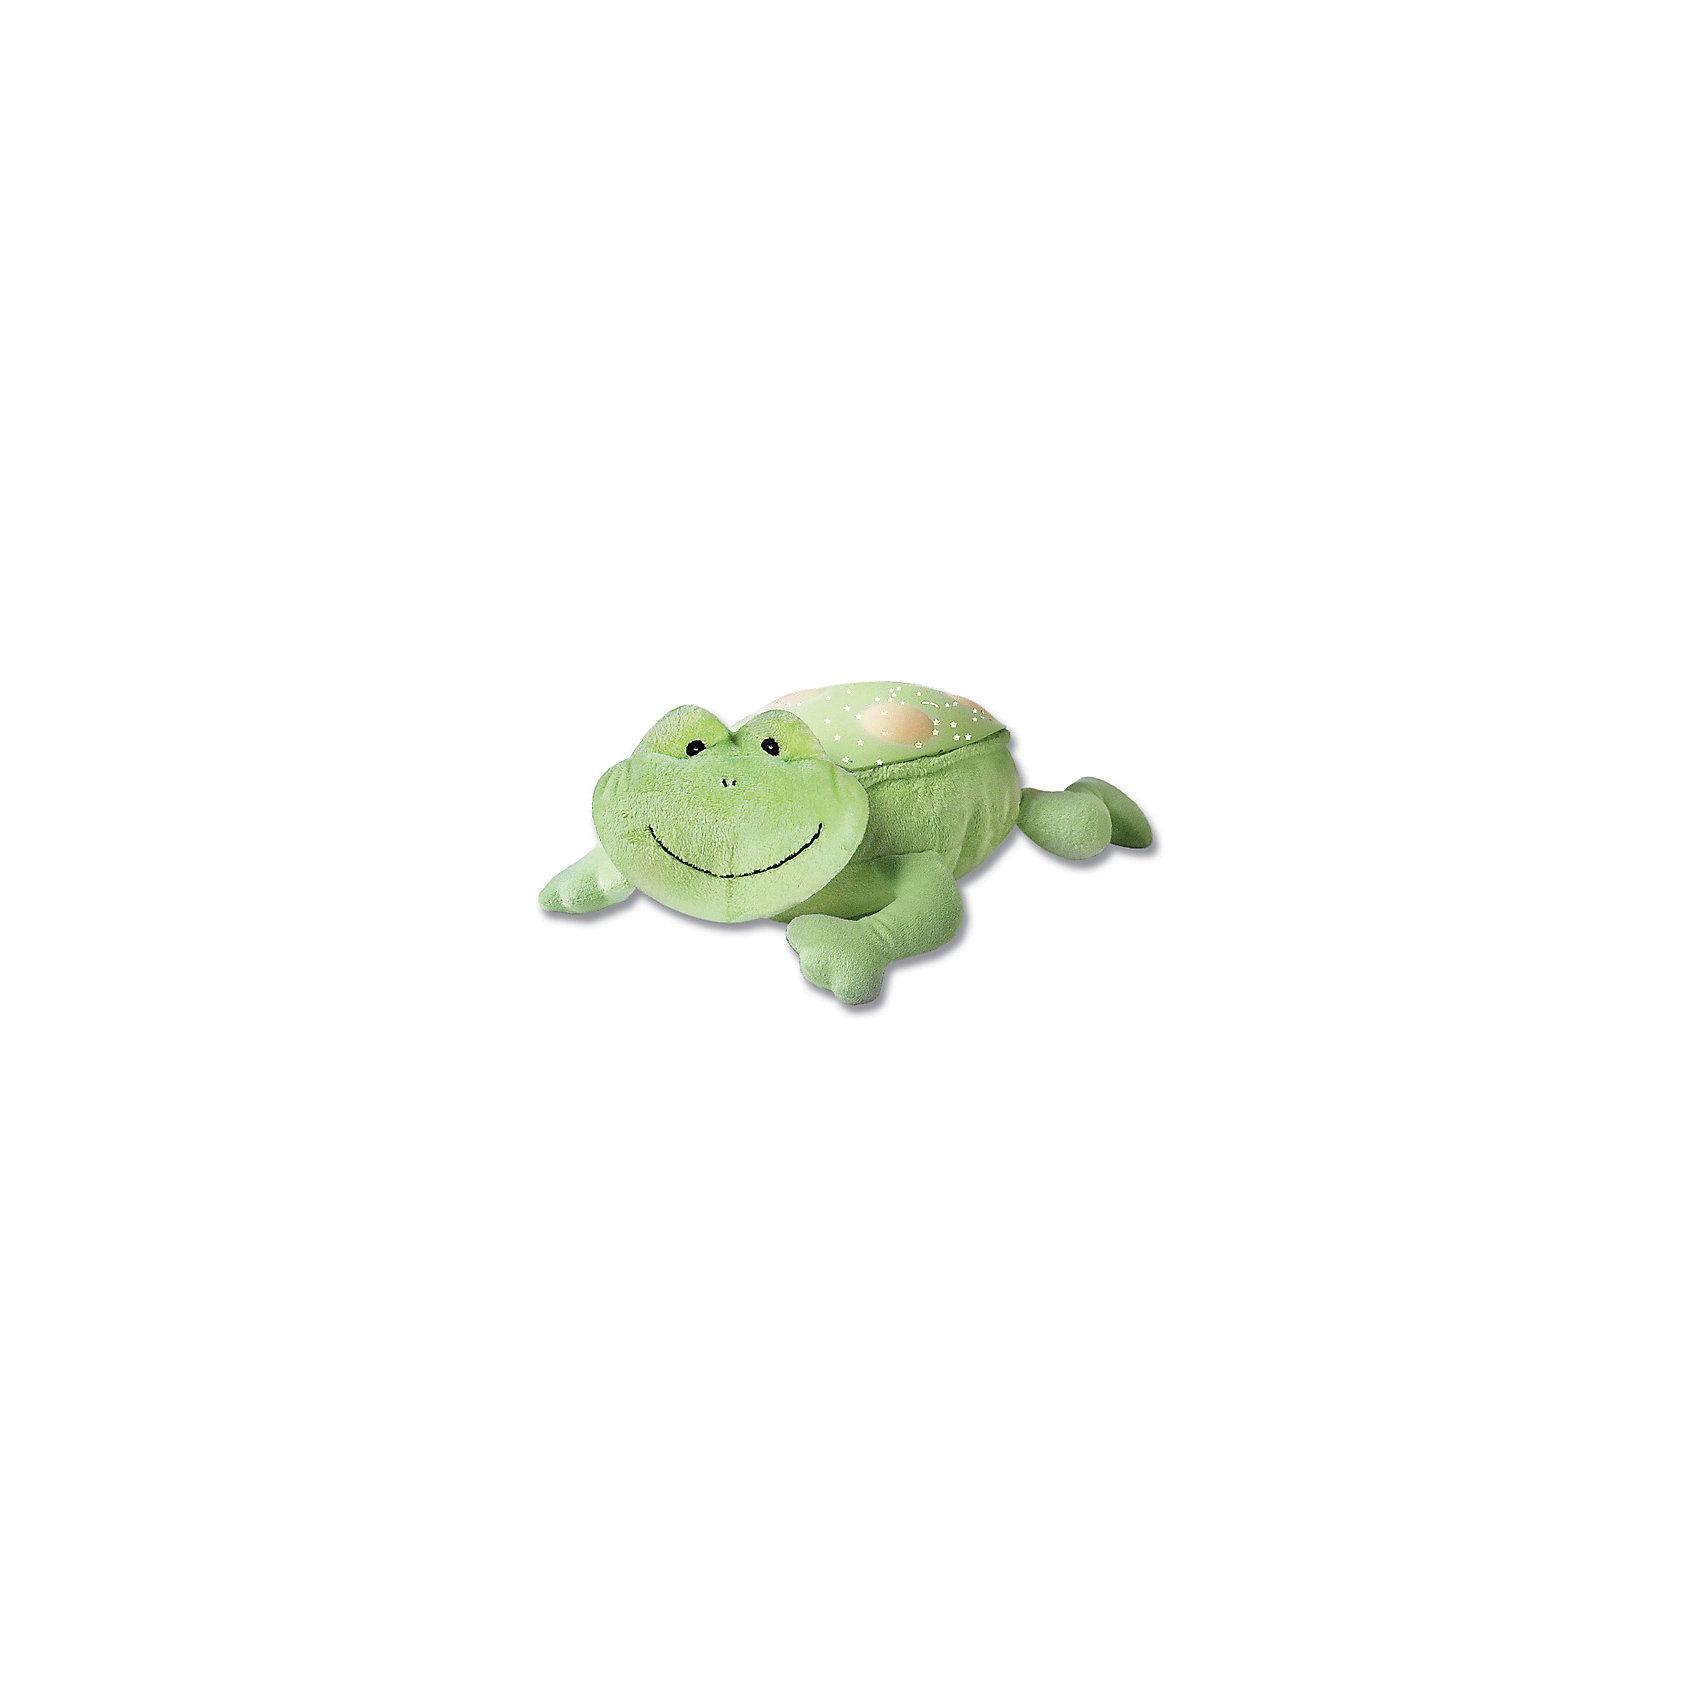 Светильник-проектор звездного неба  Frog, Summer InfantНочники и проекторы<br>Характеристики:<br><br>• светильник с проектором создает уютную атмосферу в спальне;<br>• проекция звездного неба;<br>• цветовое оформление плавно сменяет друг друга, 3 цвета в настройках;<br>• музыкальное сопровождение: 3 колыбельные мелодии, звуки природы, белый шум, приглушенный стук сердца;<br>• автоматическое отключение;<br>• таймер: 15, 30, 45 минут;<br>• материал: плюш, пластик;<br>• батарейки входят в комплект;<br>• размер ночника: 22х32х32 см;<br>• размер упаковки: 30х19х20 см;<br>• вес: 530 г.<br><br>Мягкий свет детского ночника, музыкальный фон, который сопровождается методичной сменой цветового оформления. Проекция мелких звездочек на потолок и стены, три цвета дизайна. Светильник-проектор выполнен в виде милого зверушки, мягкий плюш и гипоаллергенный пластик безопасны для здоровья ребенка. <br><br>Светильник-проектор звездного неба Frog, Summer Infant можно купить в нашем интернет-магазине.<br><br>Ширина мм: 300<br>Глубина мм: 190<br>Высота мм: 200<br>Вес г: 530<br>Возраст от месяцев: 0<br>Возраст до месяцев: 216<br>Пол: Унисекс<br>Возраст: Детский<br>SKU: 5508014